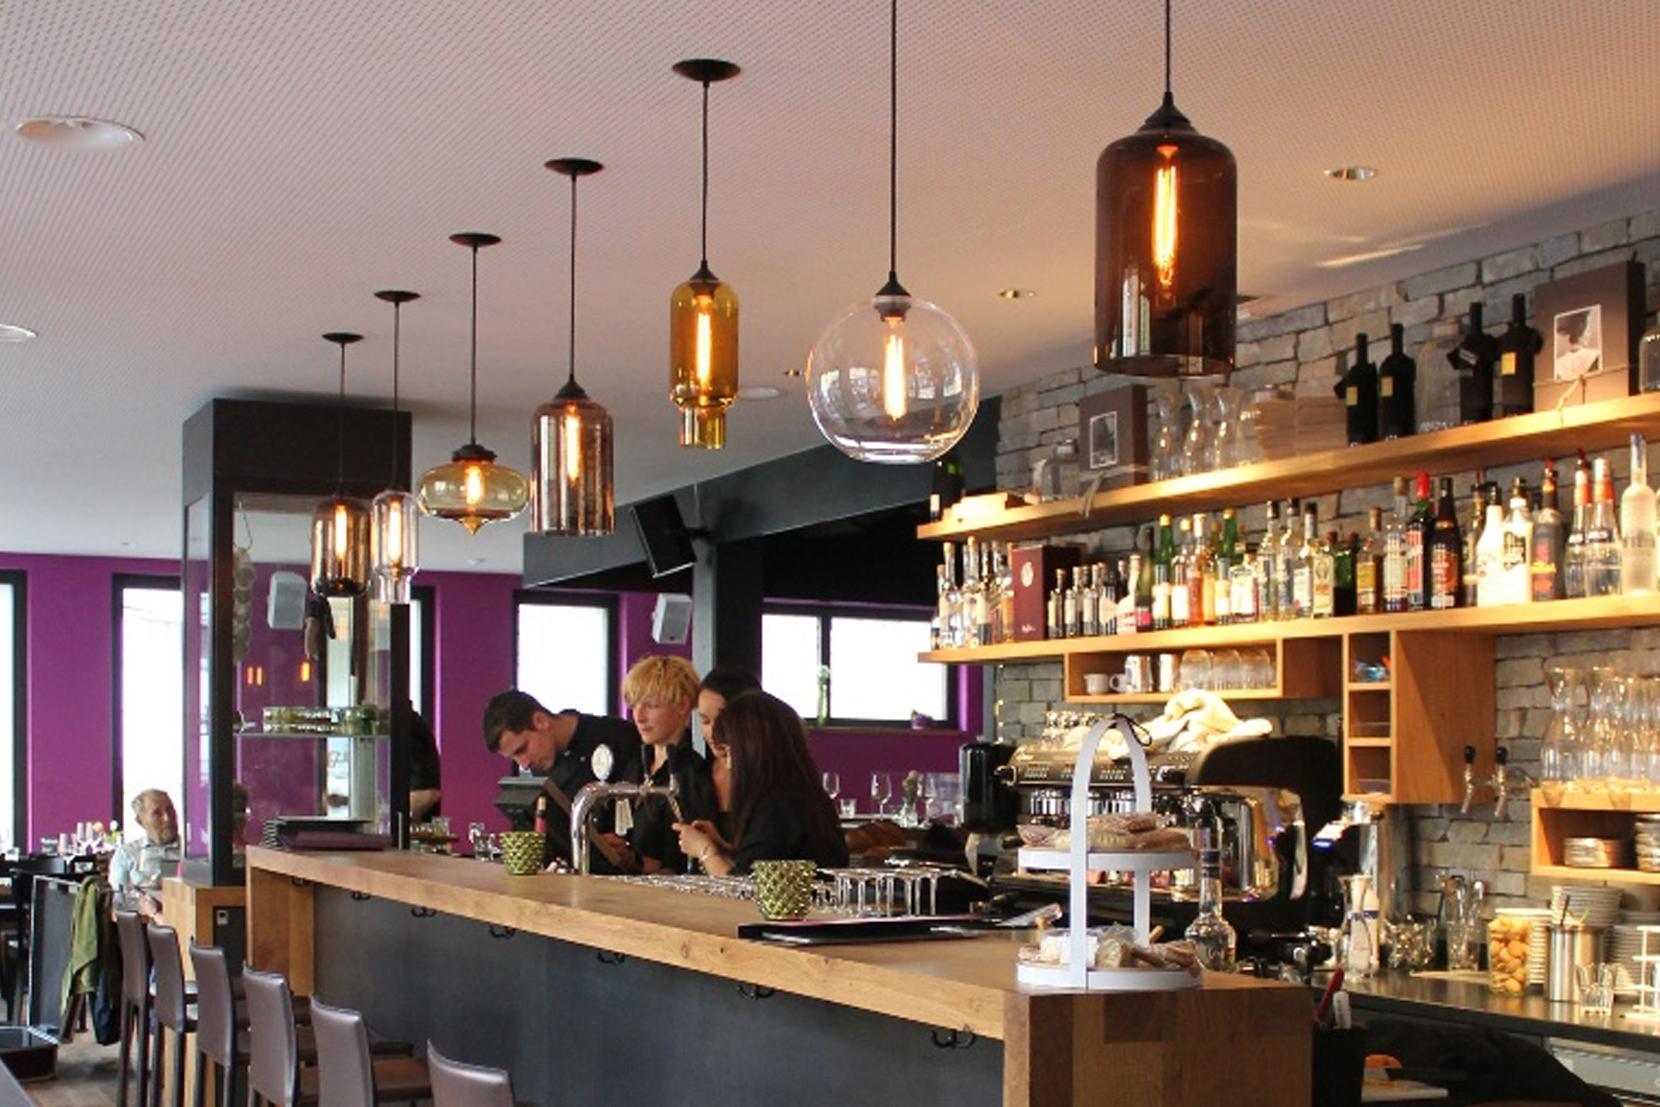 Modern Glass Restaurant Lighting - Mixed Glass Pendant Lights